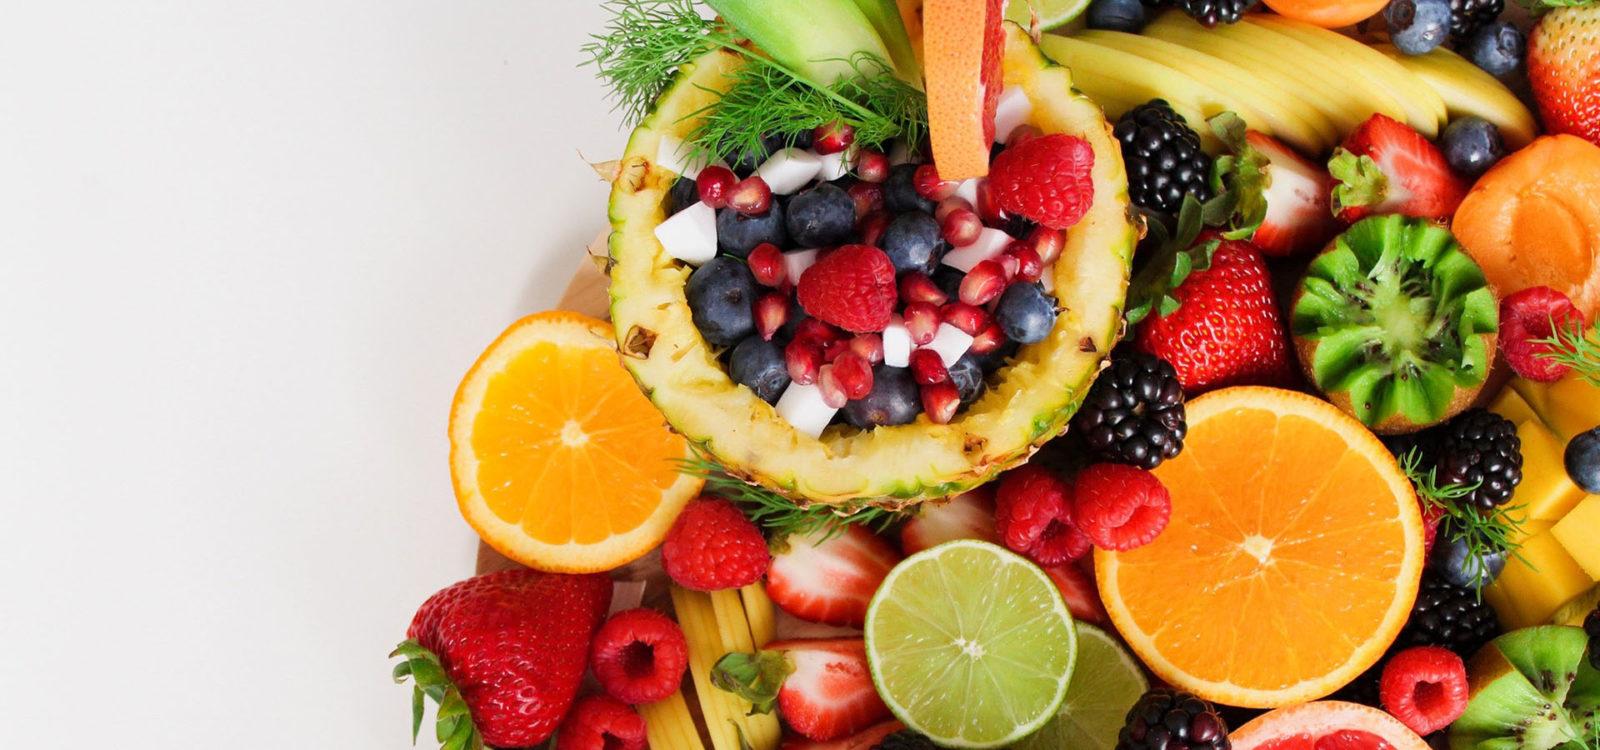 Cabecera de portada de nutrición